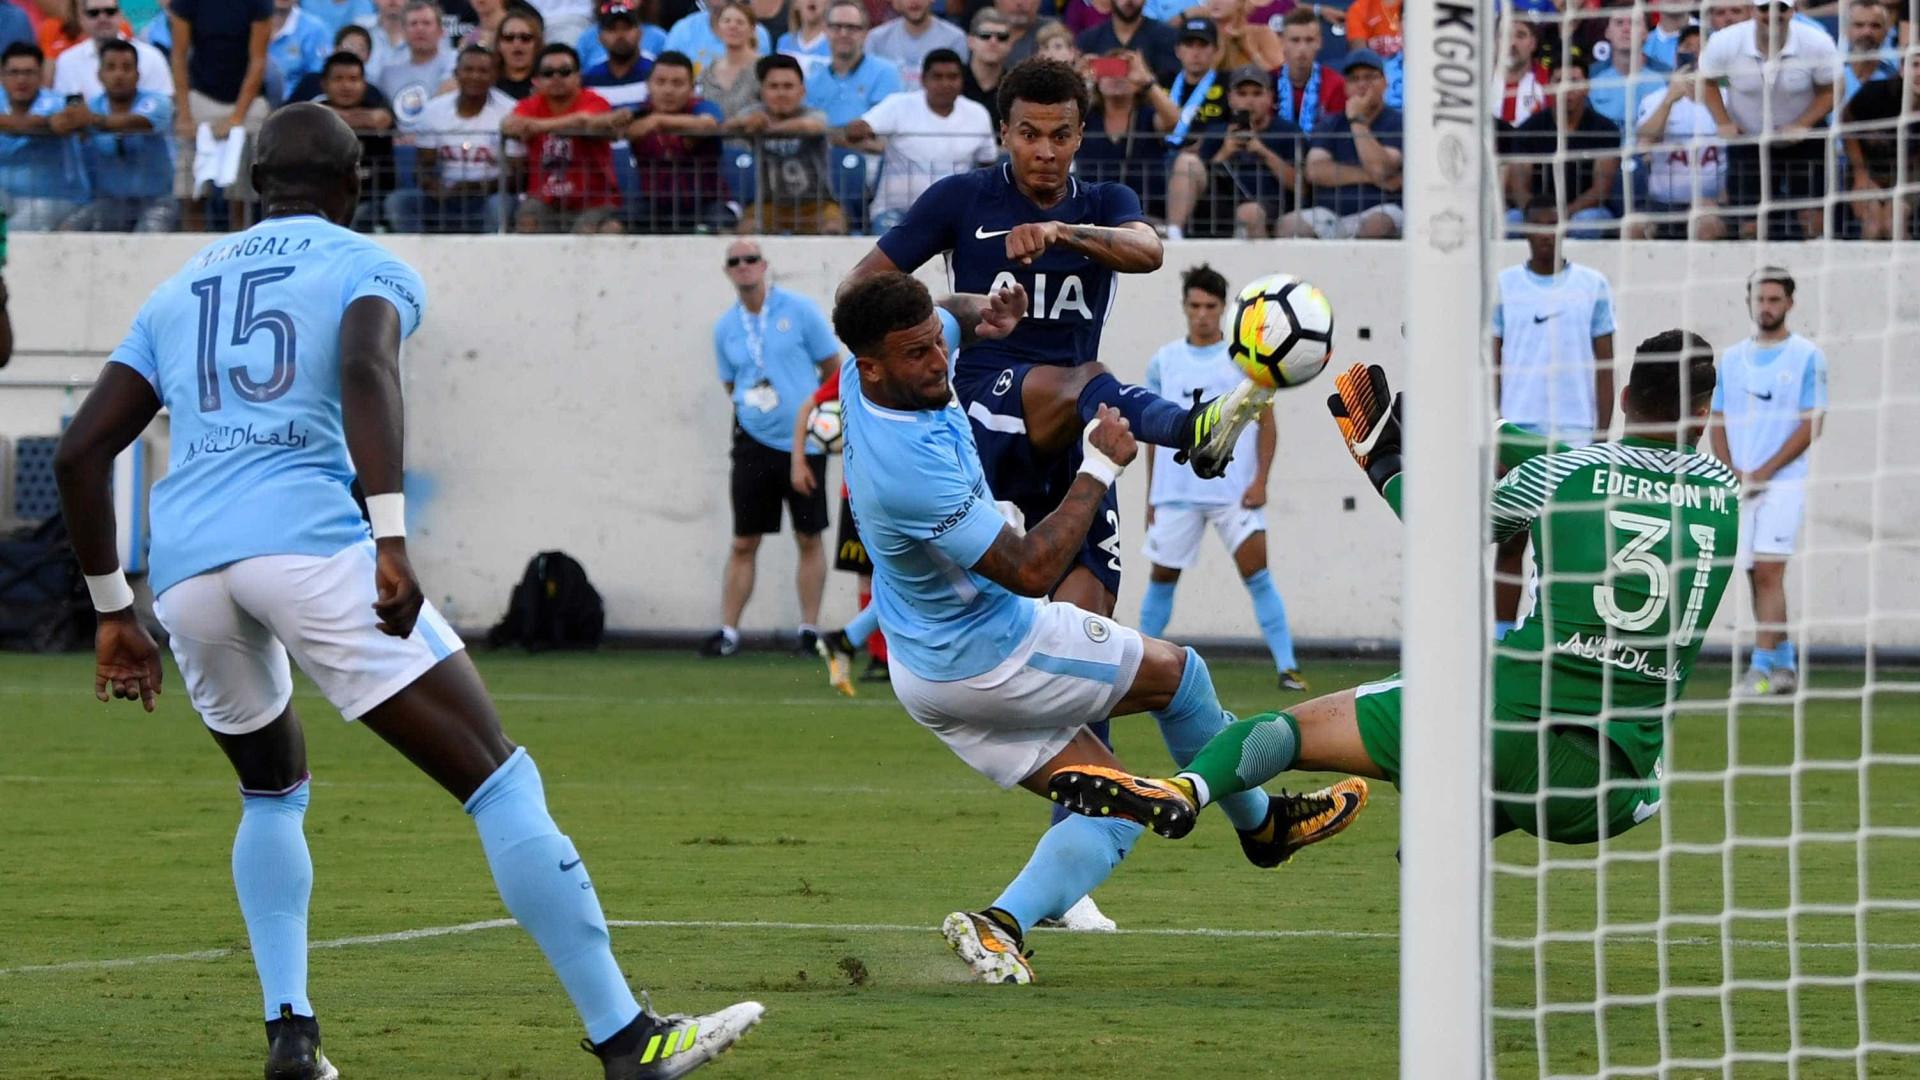 Guardiola abre a porta de saída a três jogadores — Manchester City